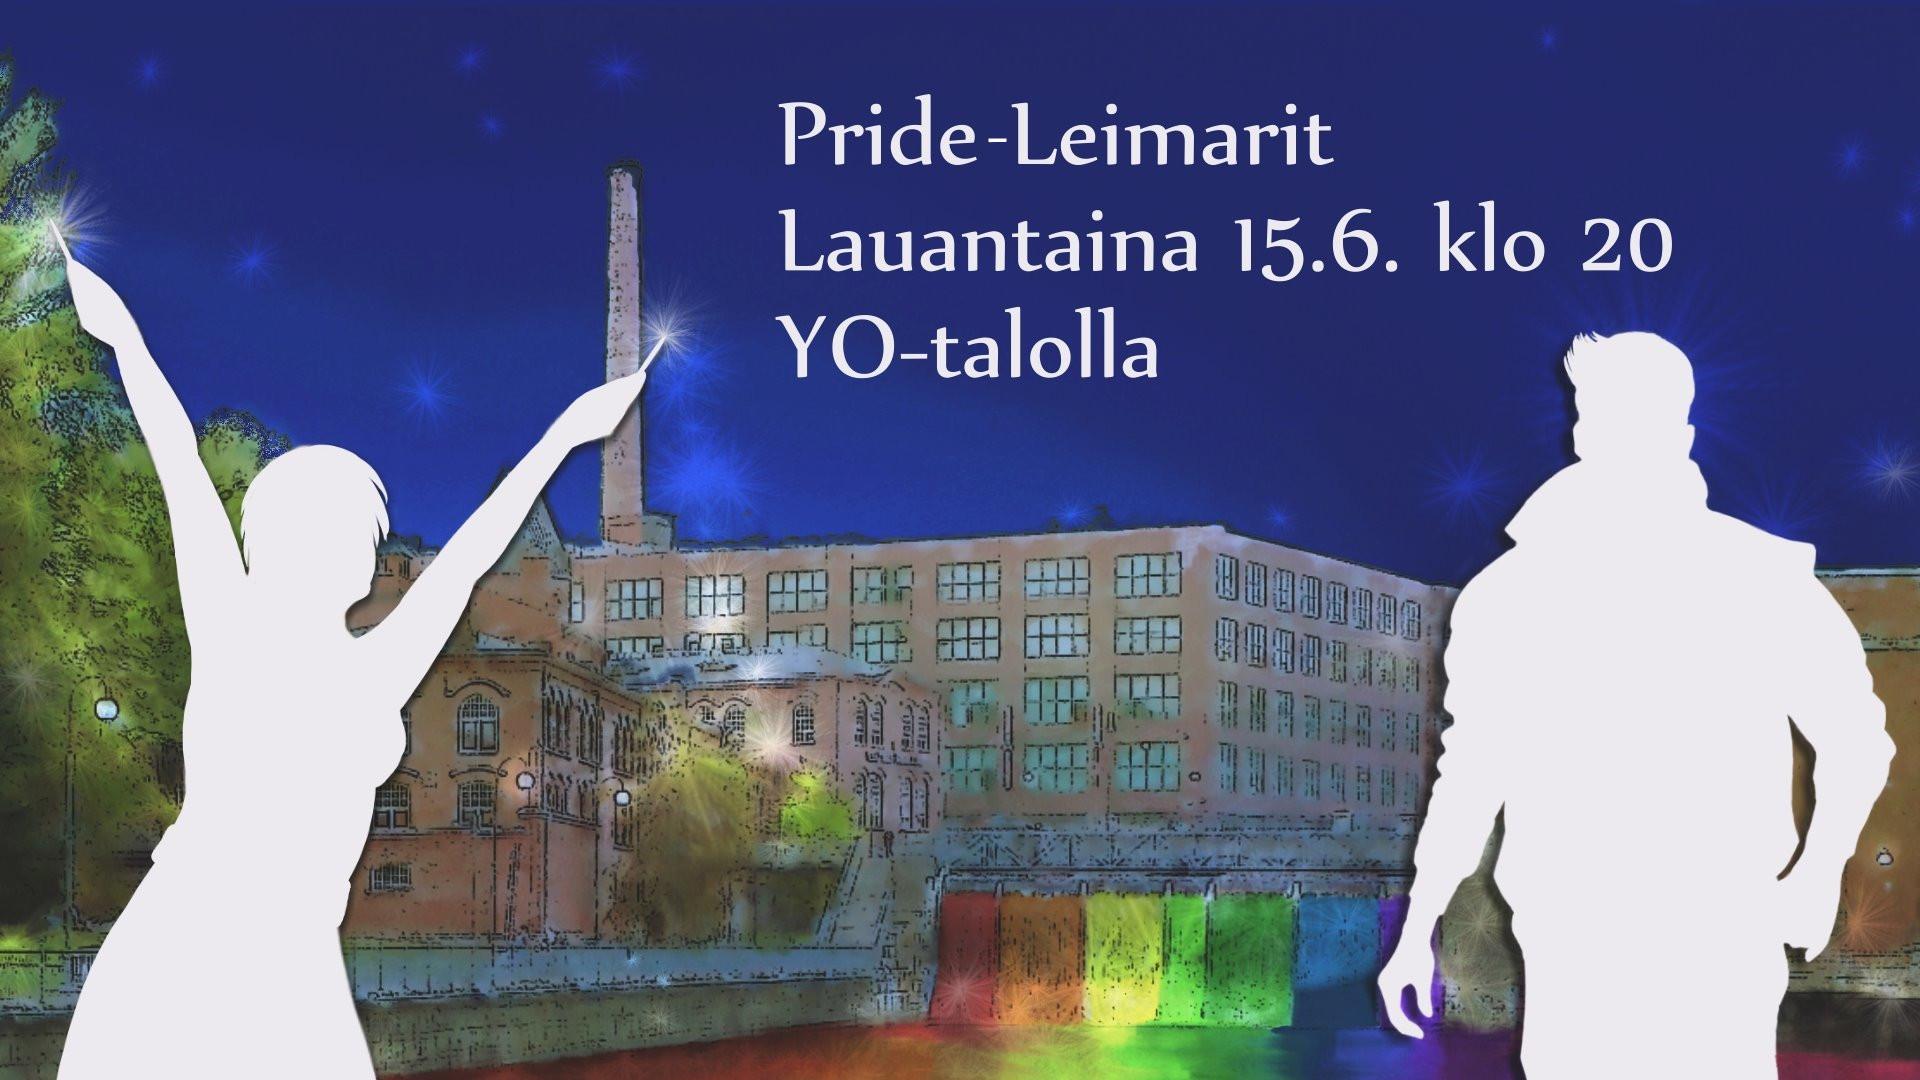 Pirkanmaan Pride -Leimarit la 15.6.2018 klo 22 @yo-talo